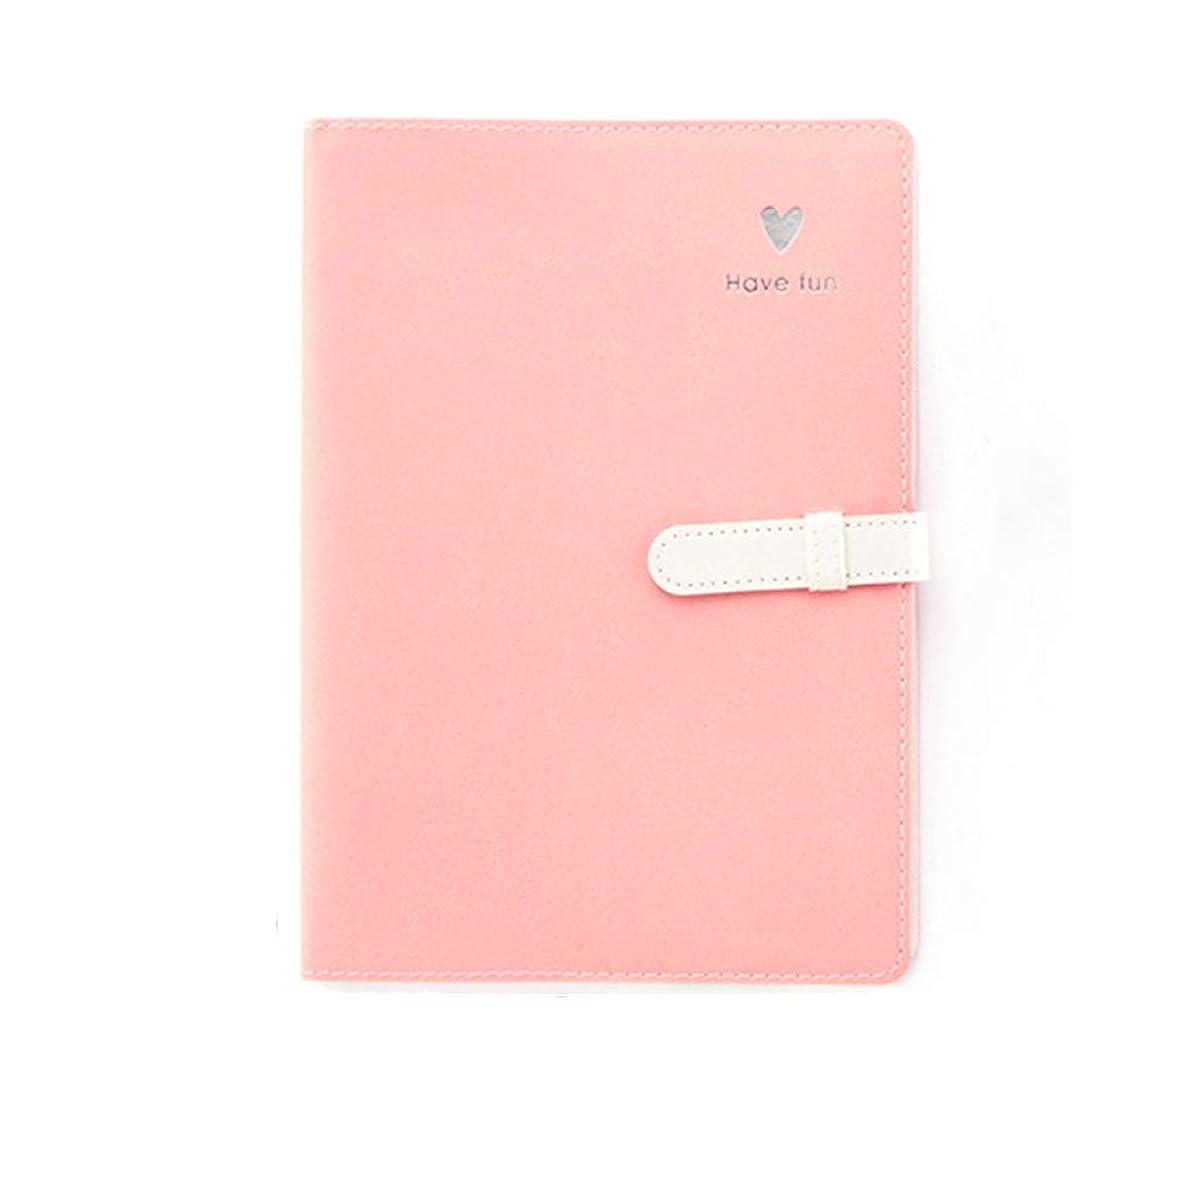 ノート,クリエイティブ日記学生の手のアカウント小さな新鮮な本かわいい手描きのノートブックノートブック肥厚